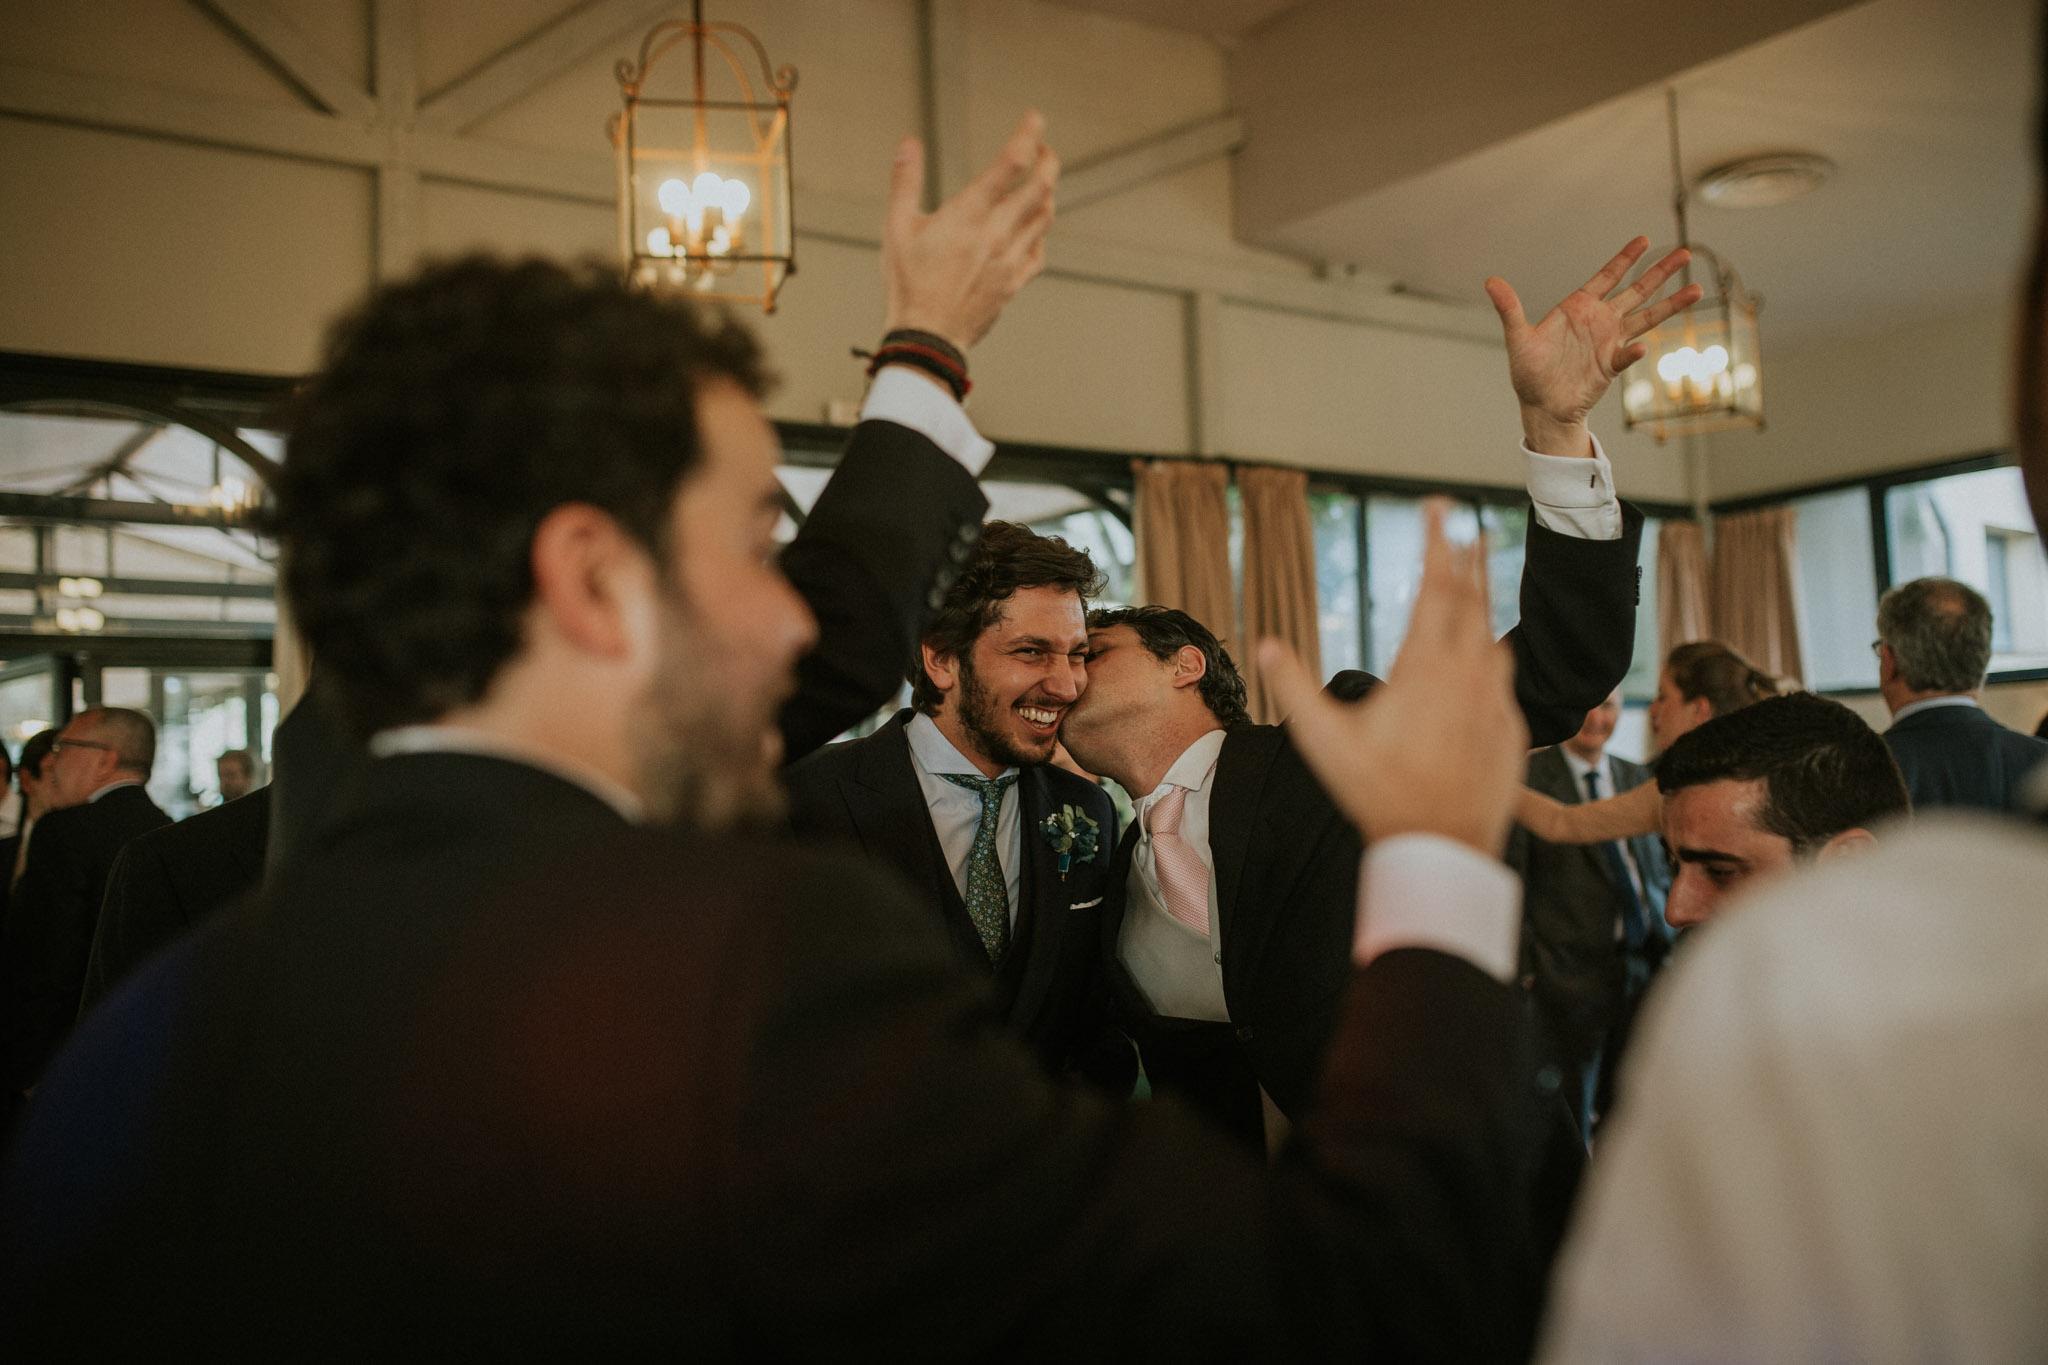 fotografia-boda-luguille-concorazon-144